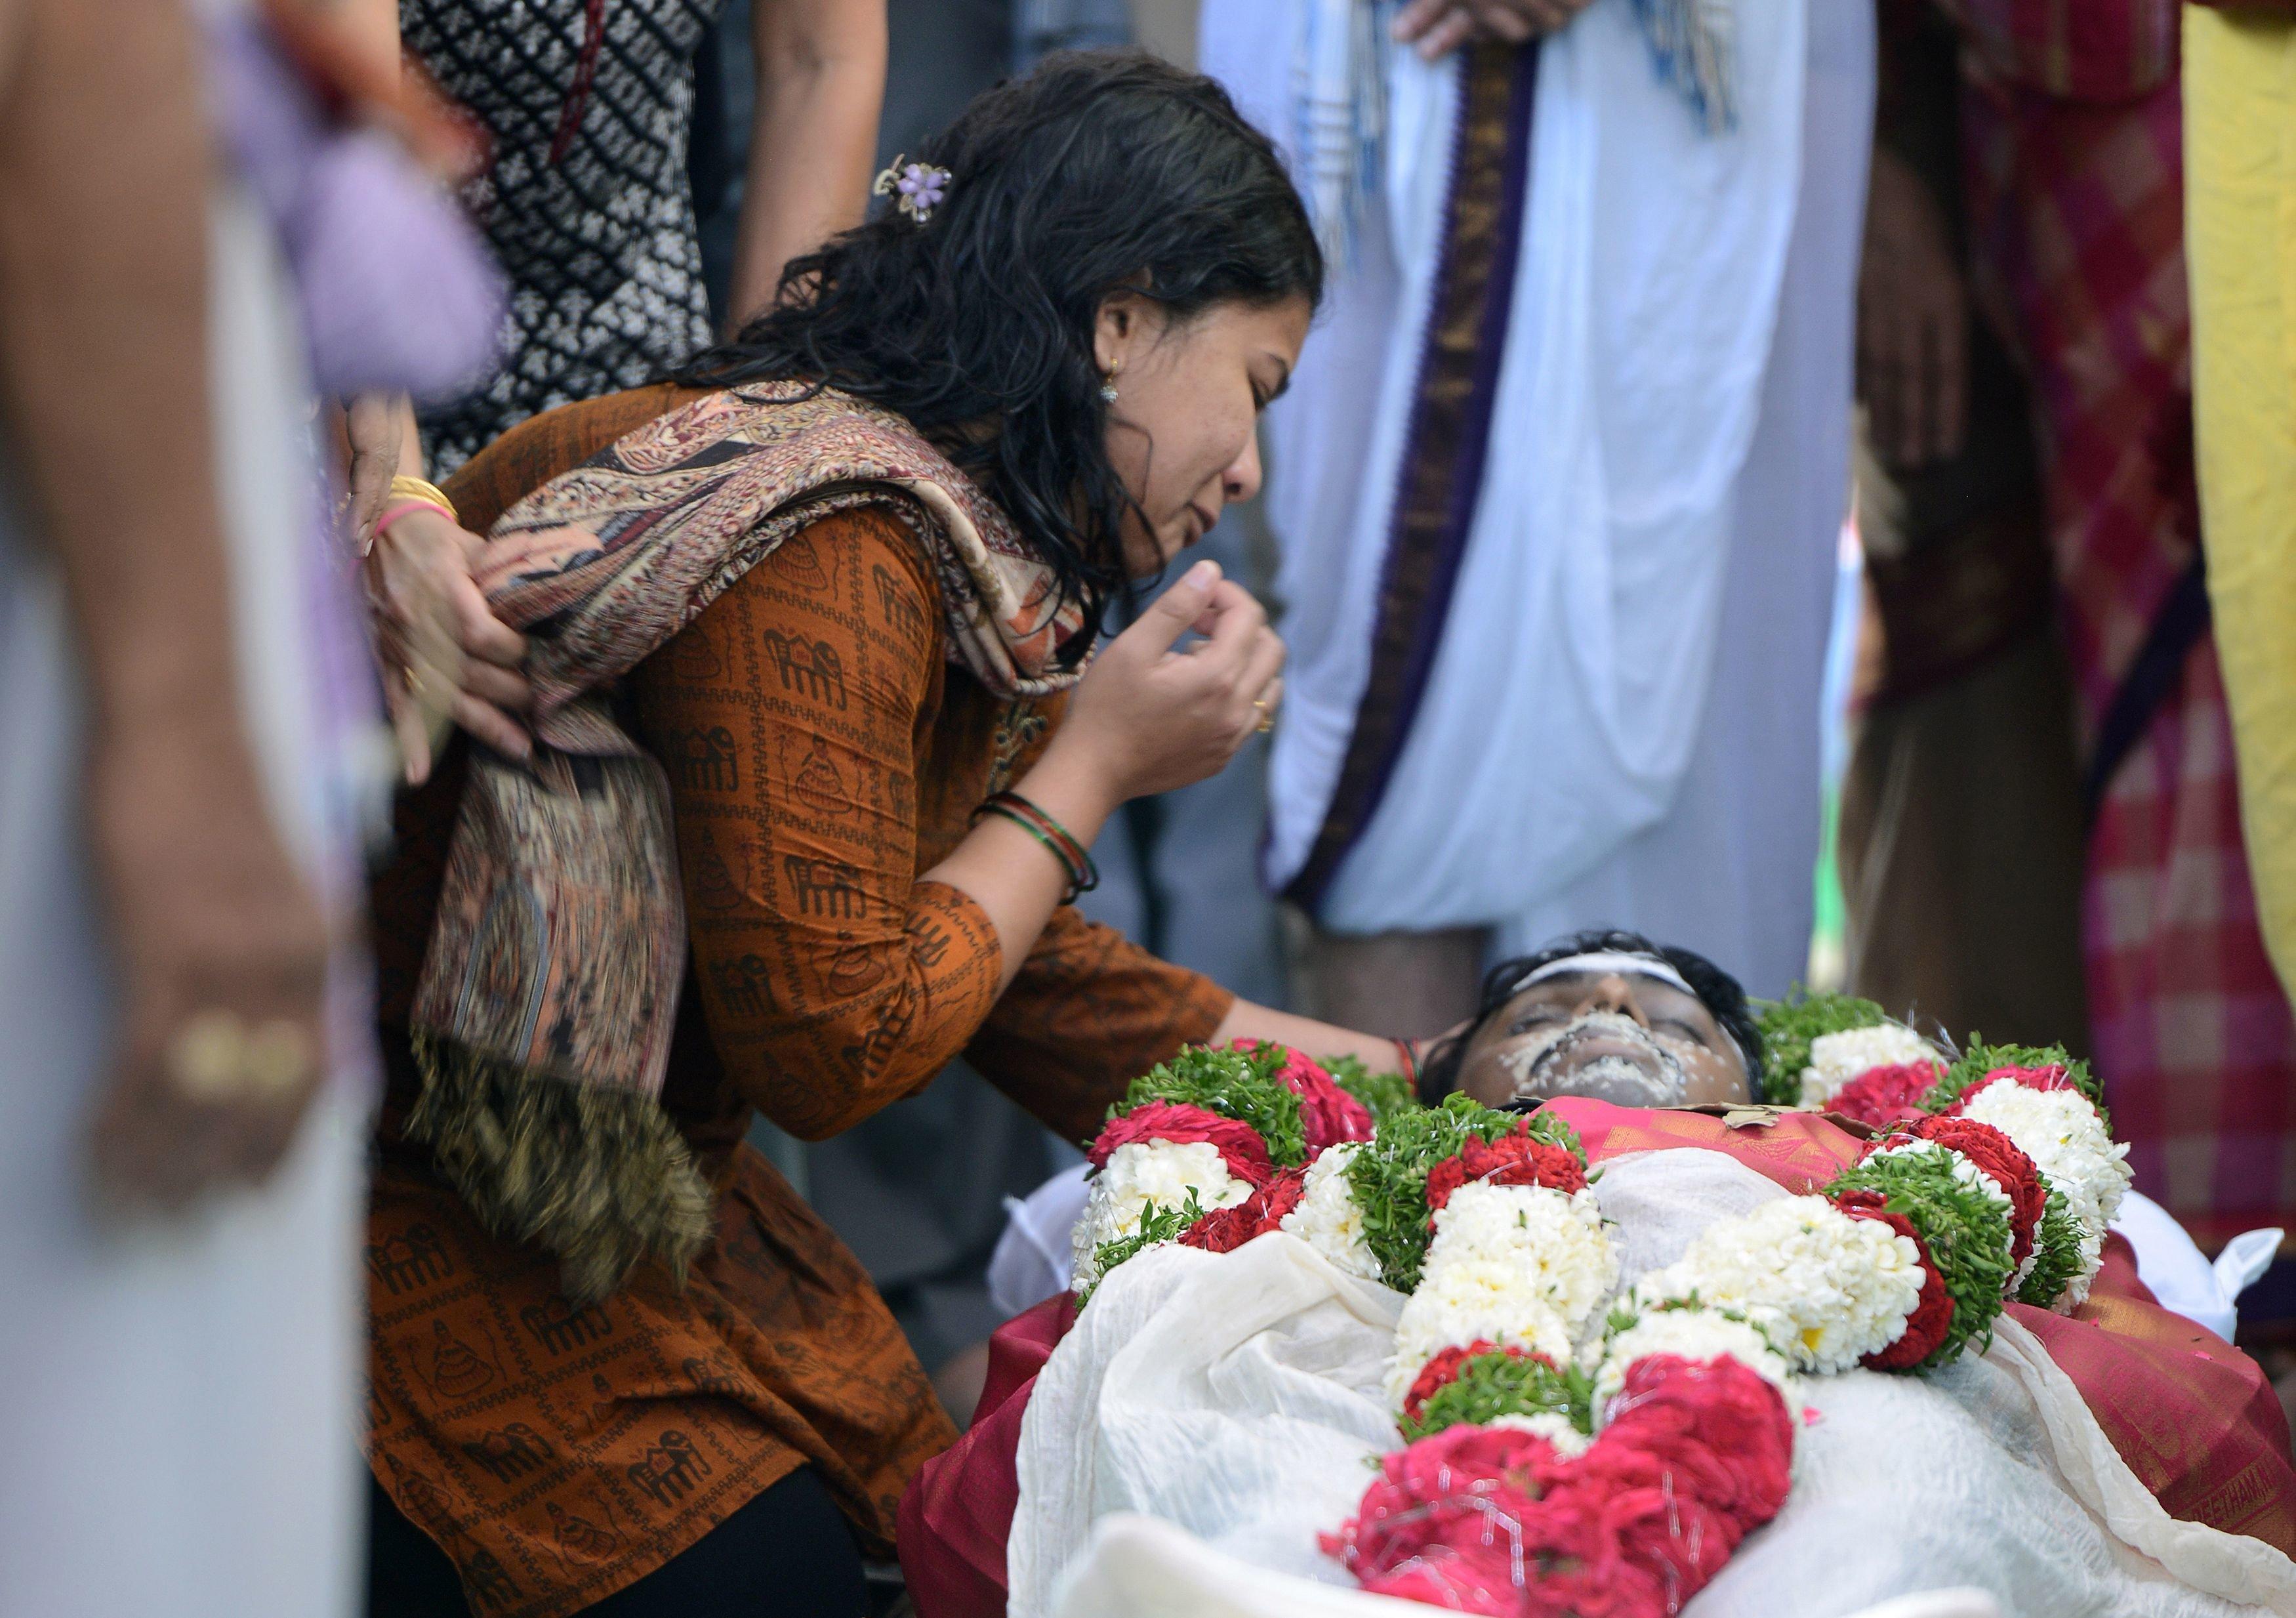 Sunayana Dumala says goodbye to her husband,Srinivas Kuchibhotla, during a funeral ceremony in India. Kuchibhotla was k